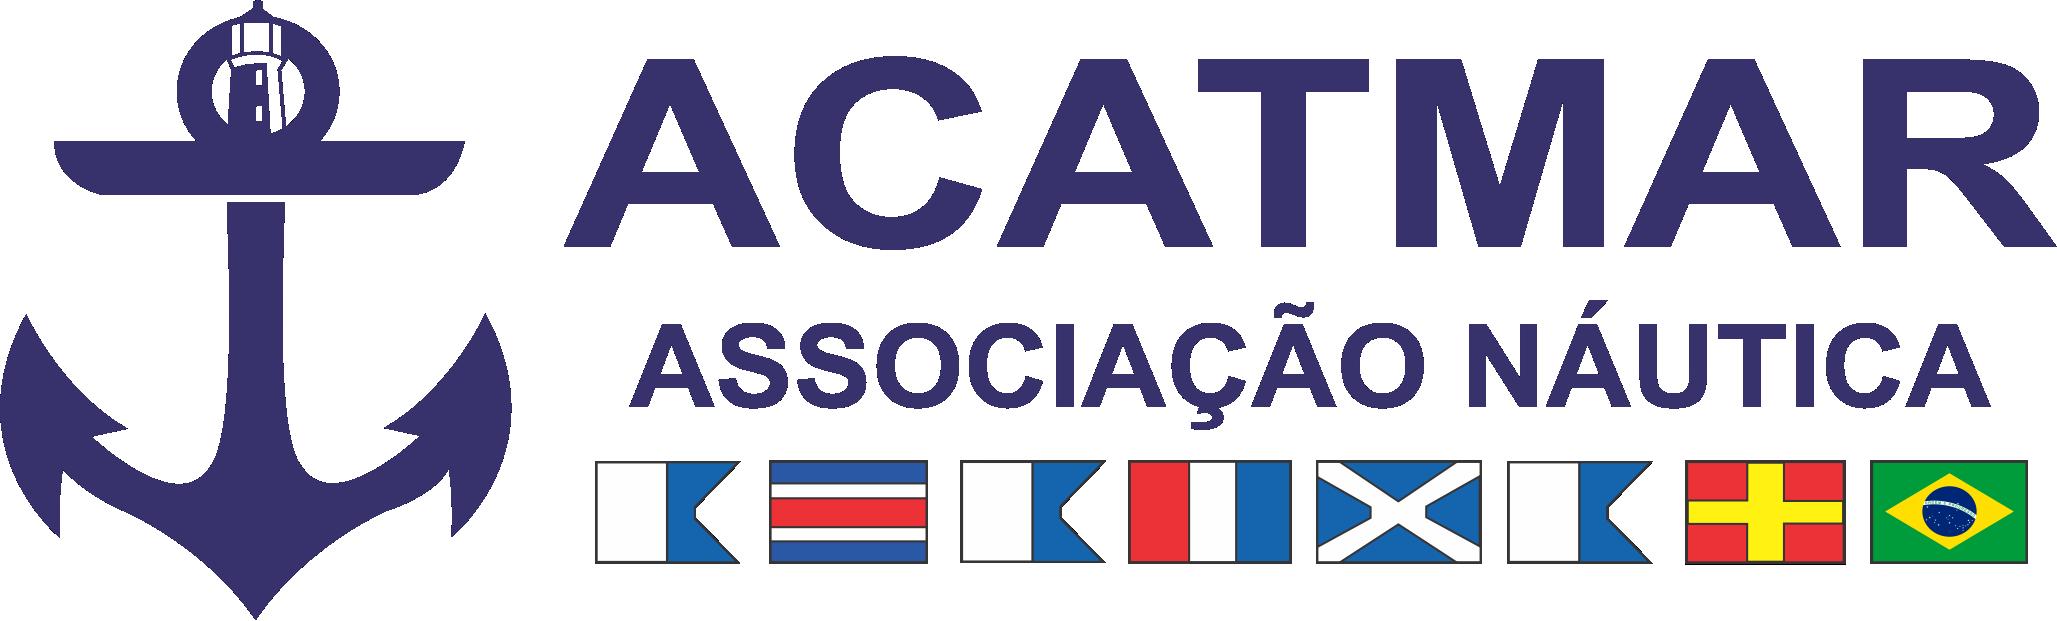 ACATMAR Associação Náutica